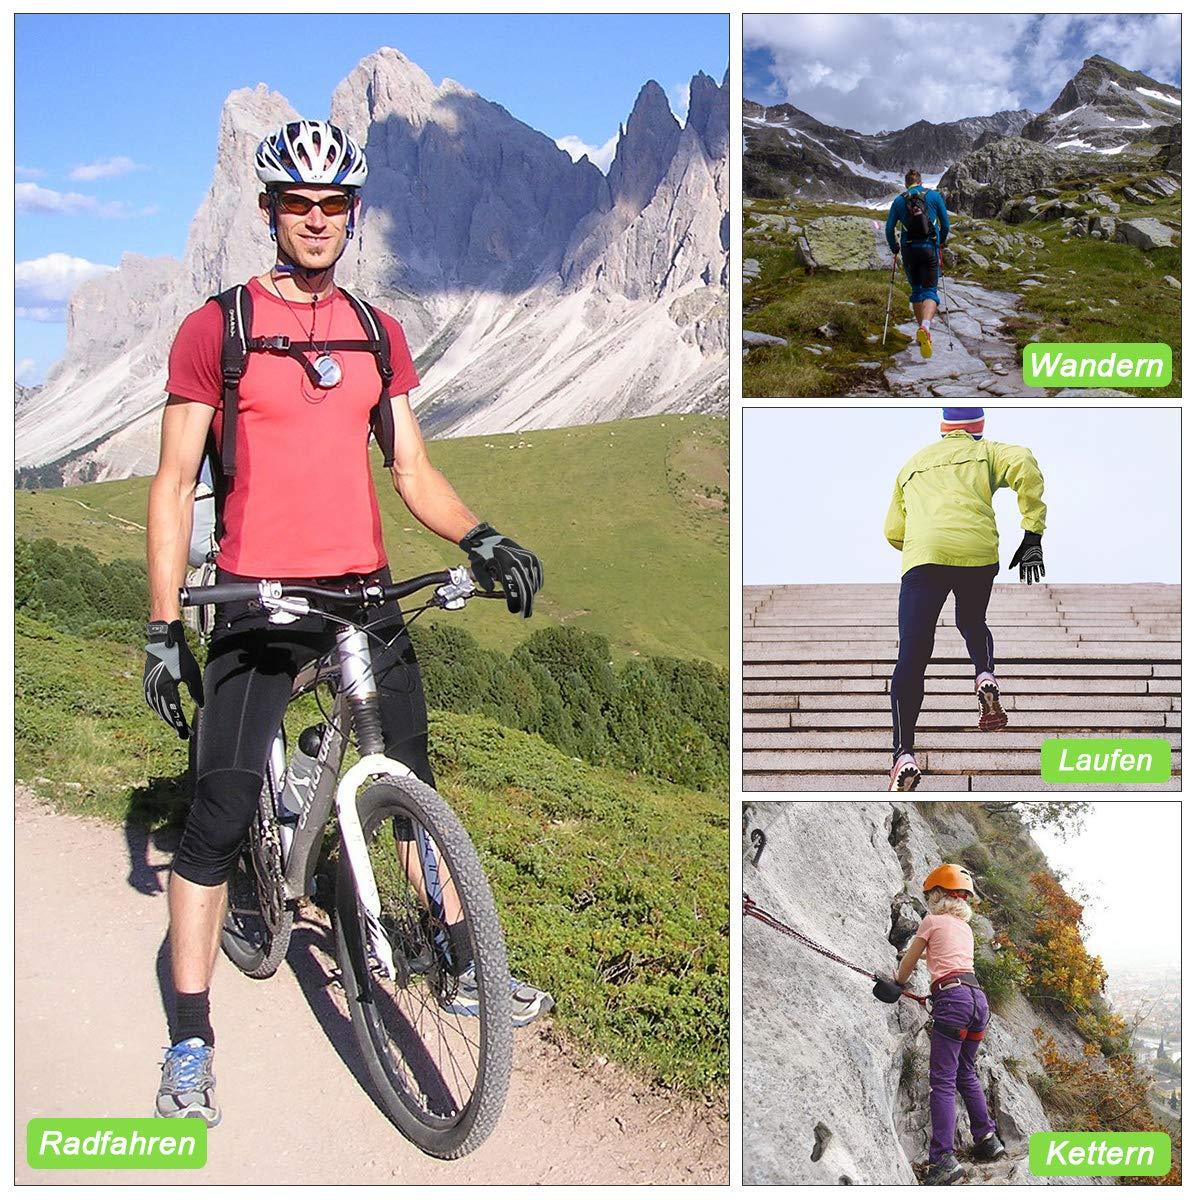 Fahrradhandschuhe Herren Radsporthandschuhe Rutschfeste und Stoßdämpfende Mountainbike Handschuhe mit Touchscreen Finger für Radsport MTB Road Race Downhill Wandern und andere Sports Unisex (Grau, M)